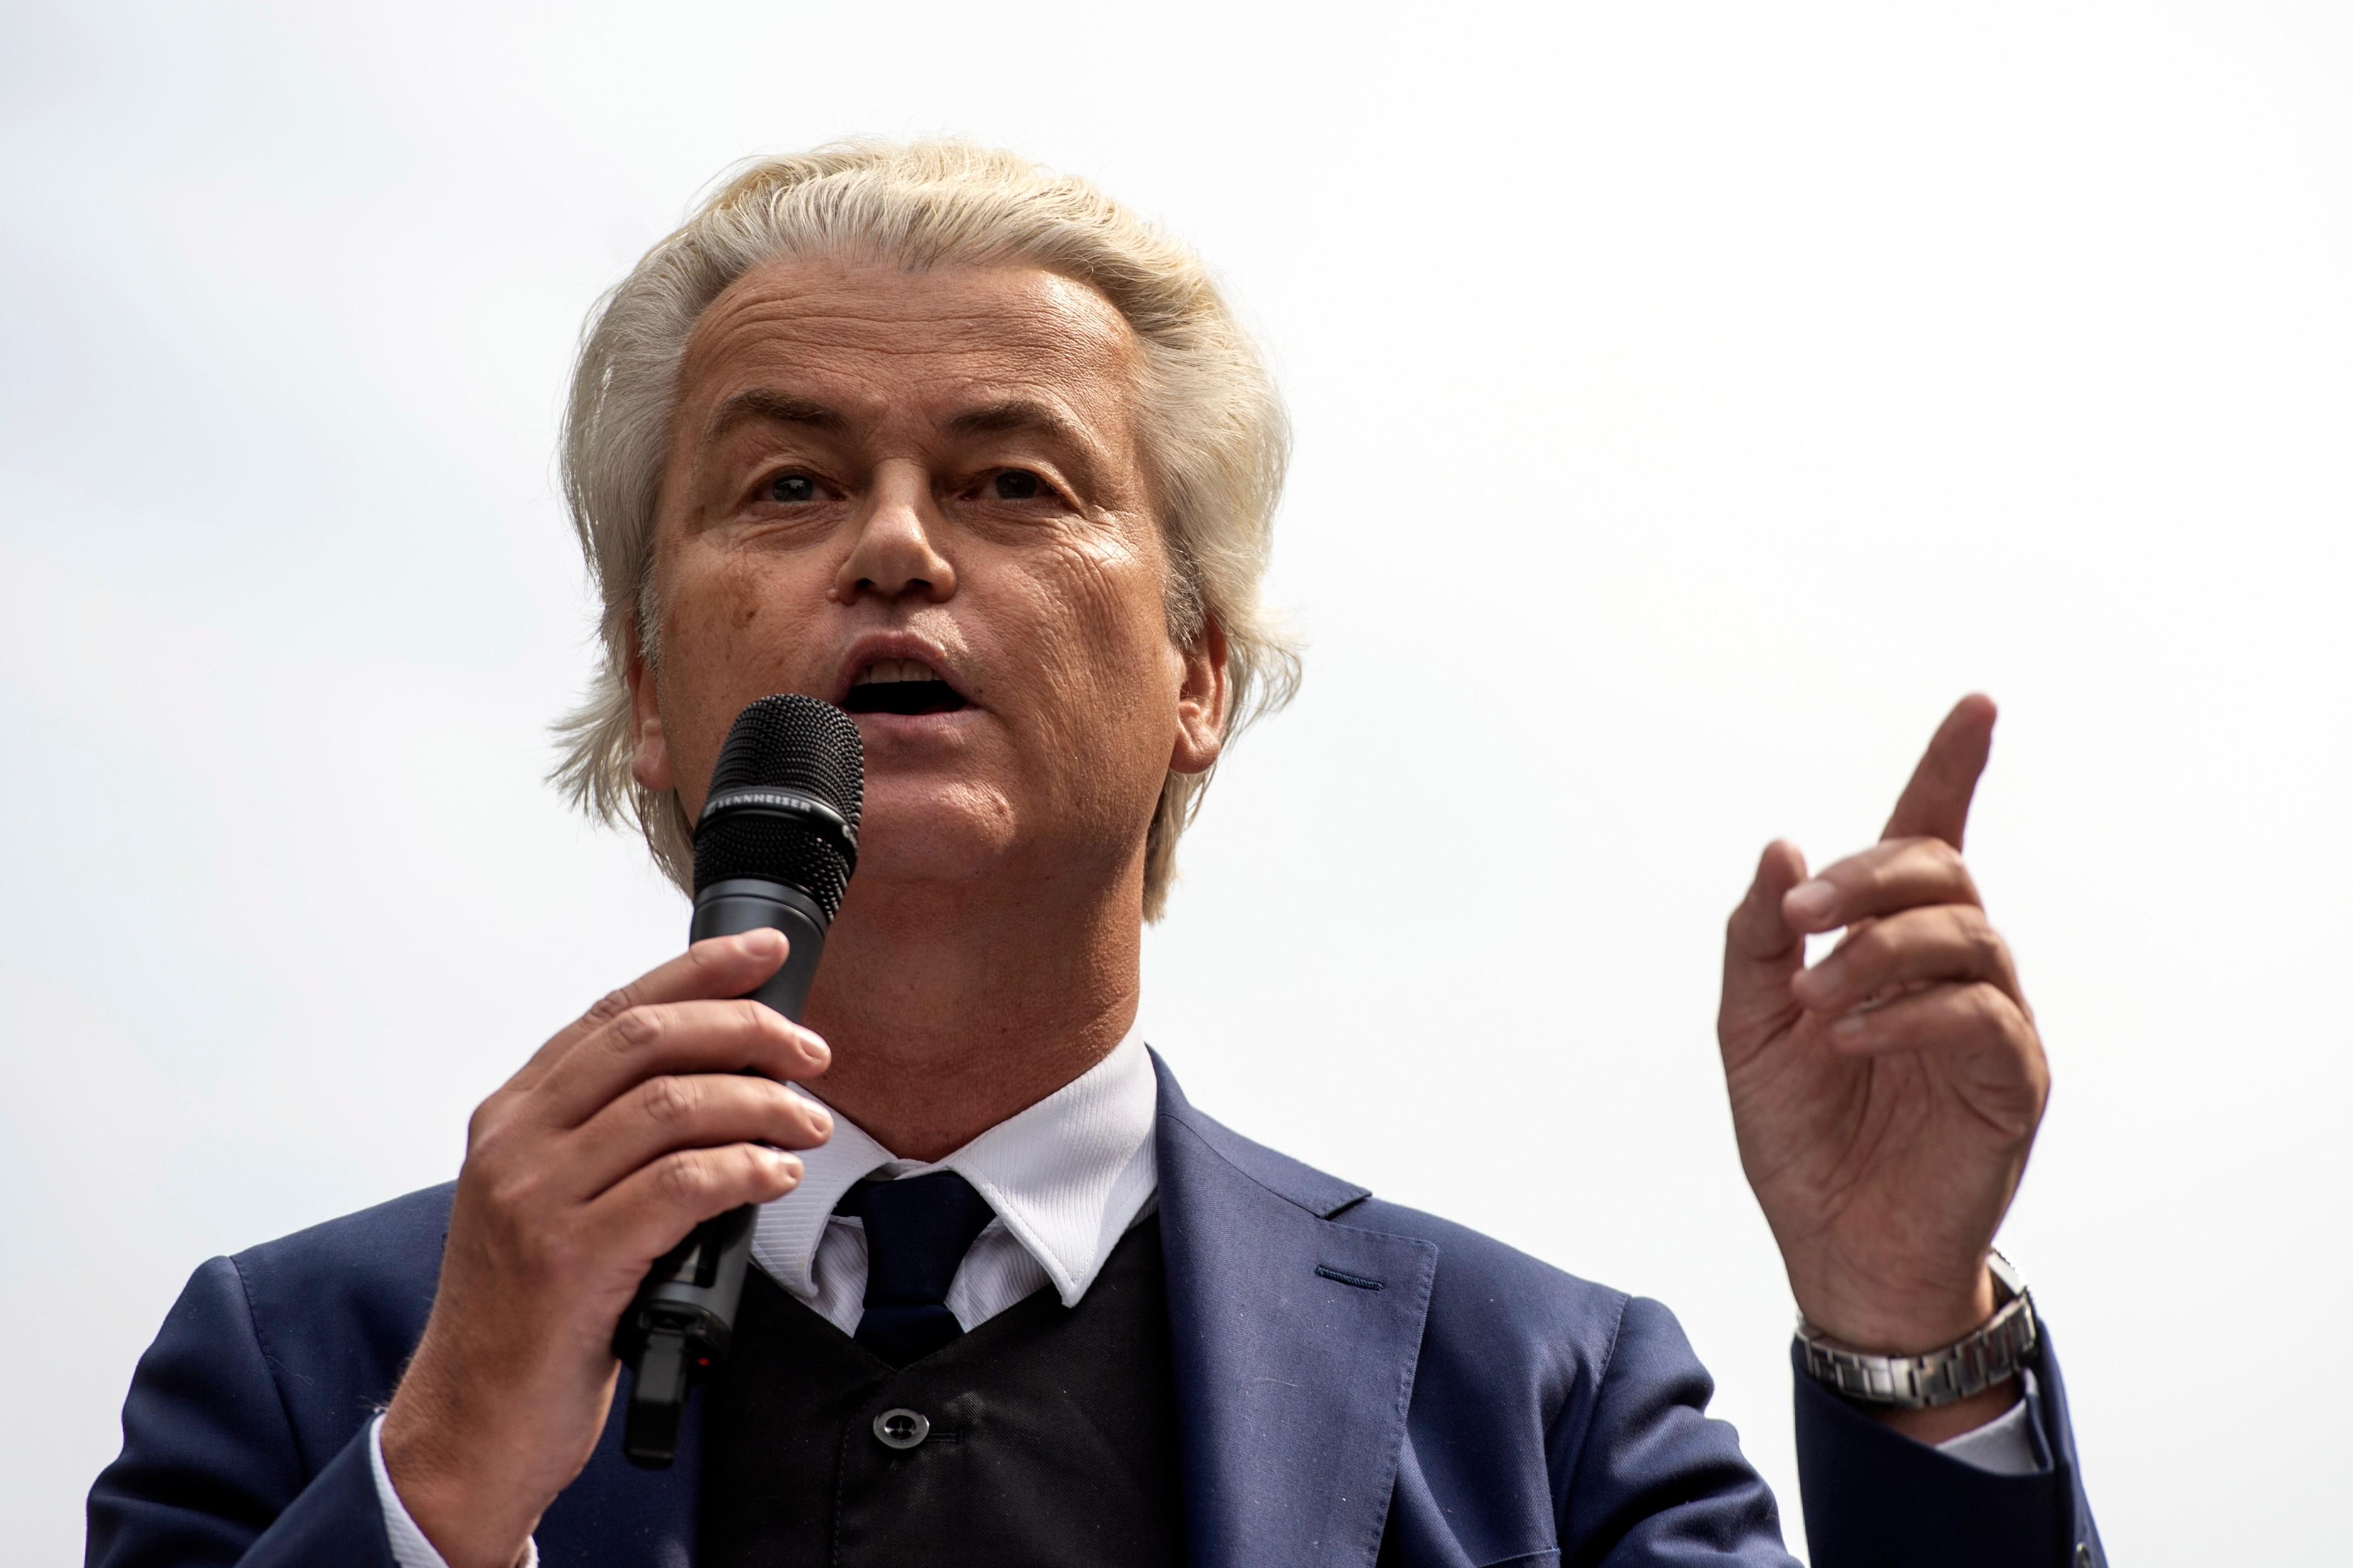 Der rechtsextreme und populistische niederländische Politiker Geert Wilders